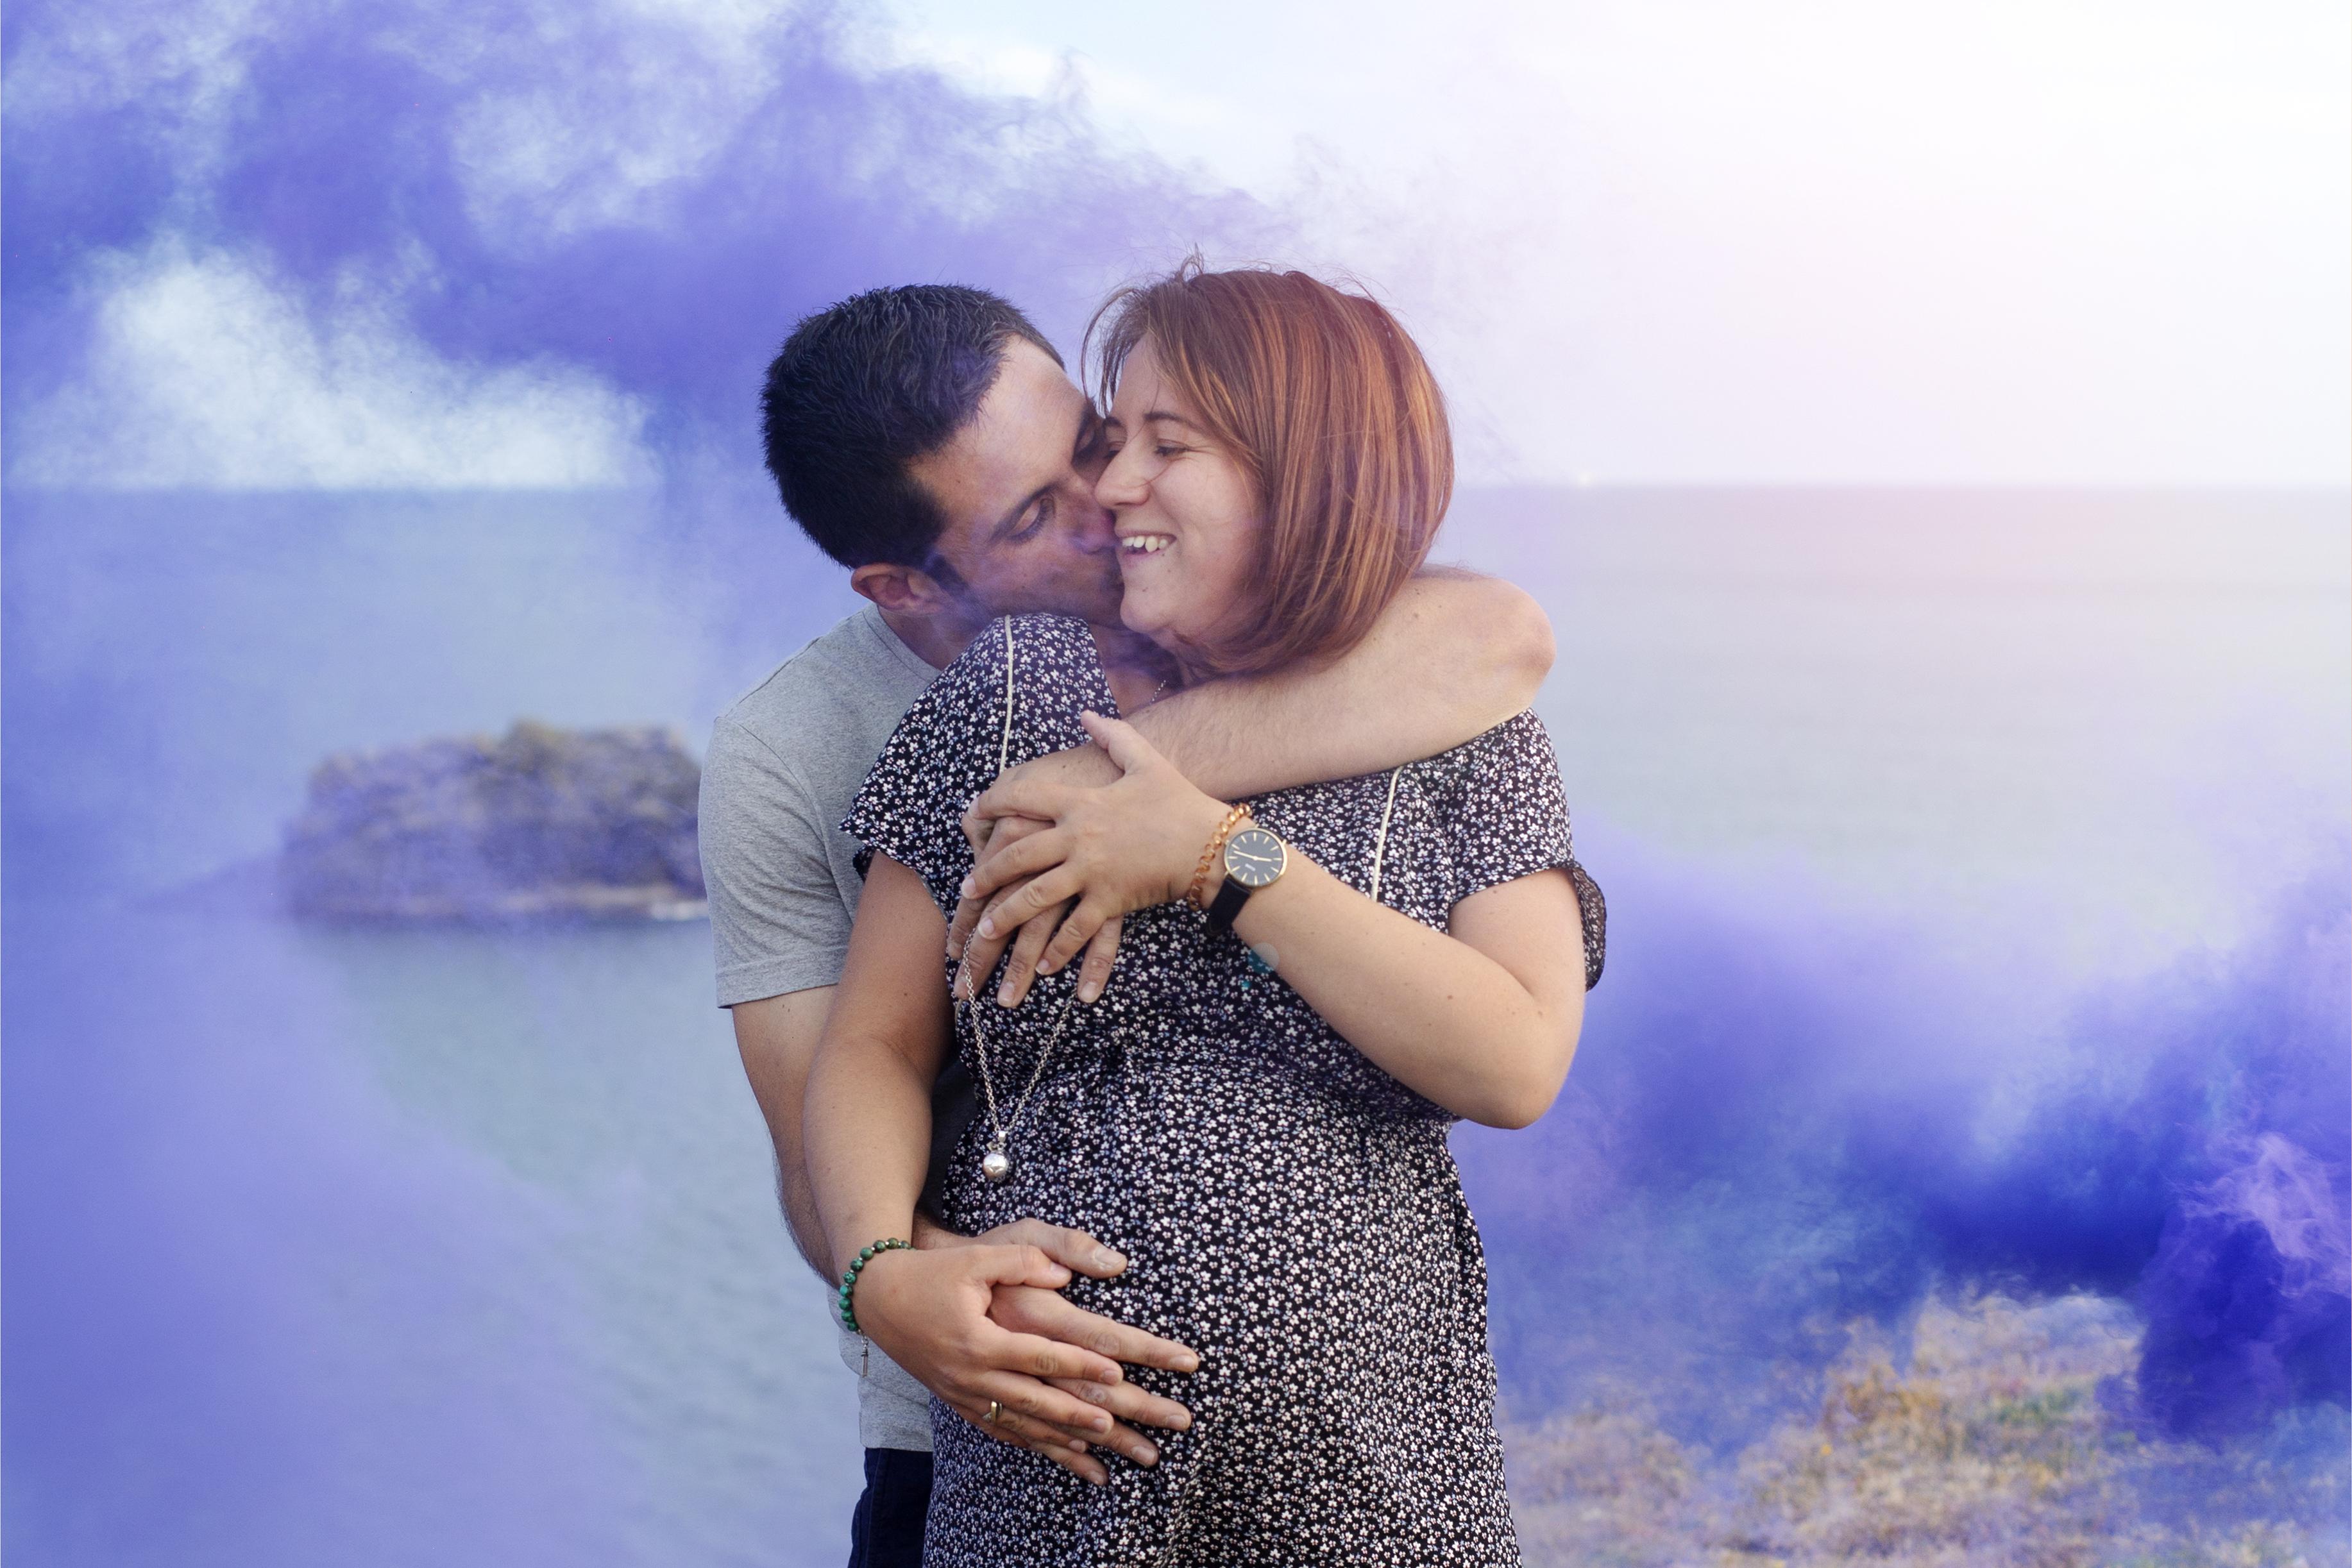 Séance photo grossesse en couple avec fumigènes de couleur à Belle-ile-en-mer